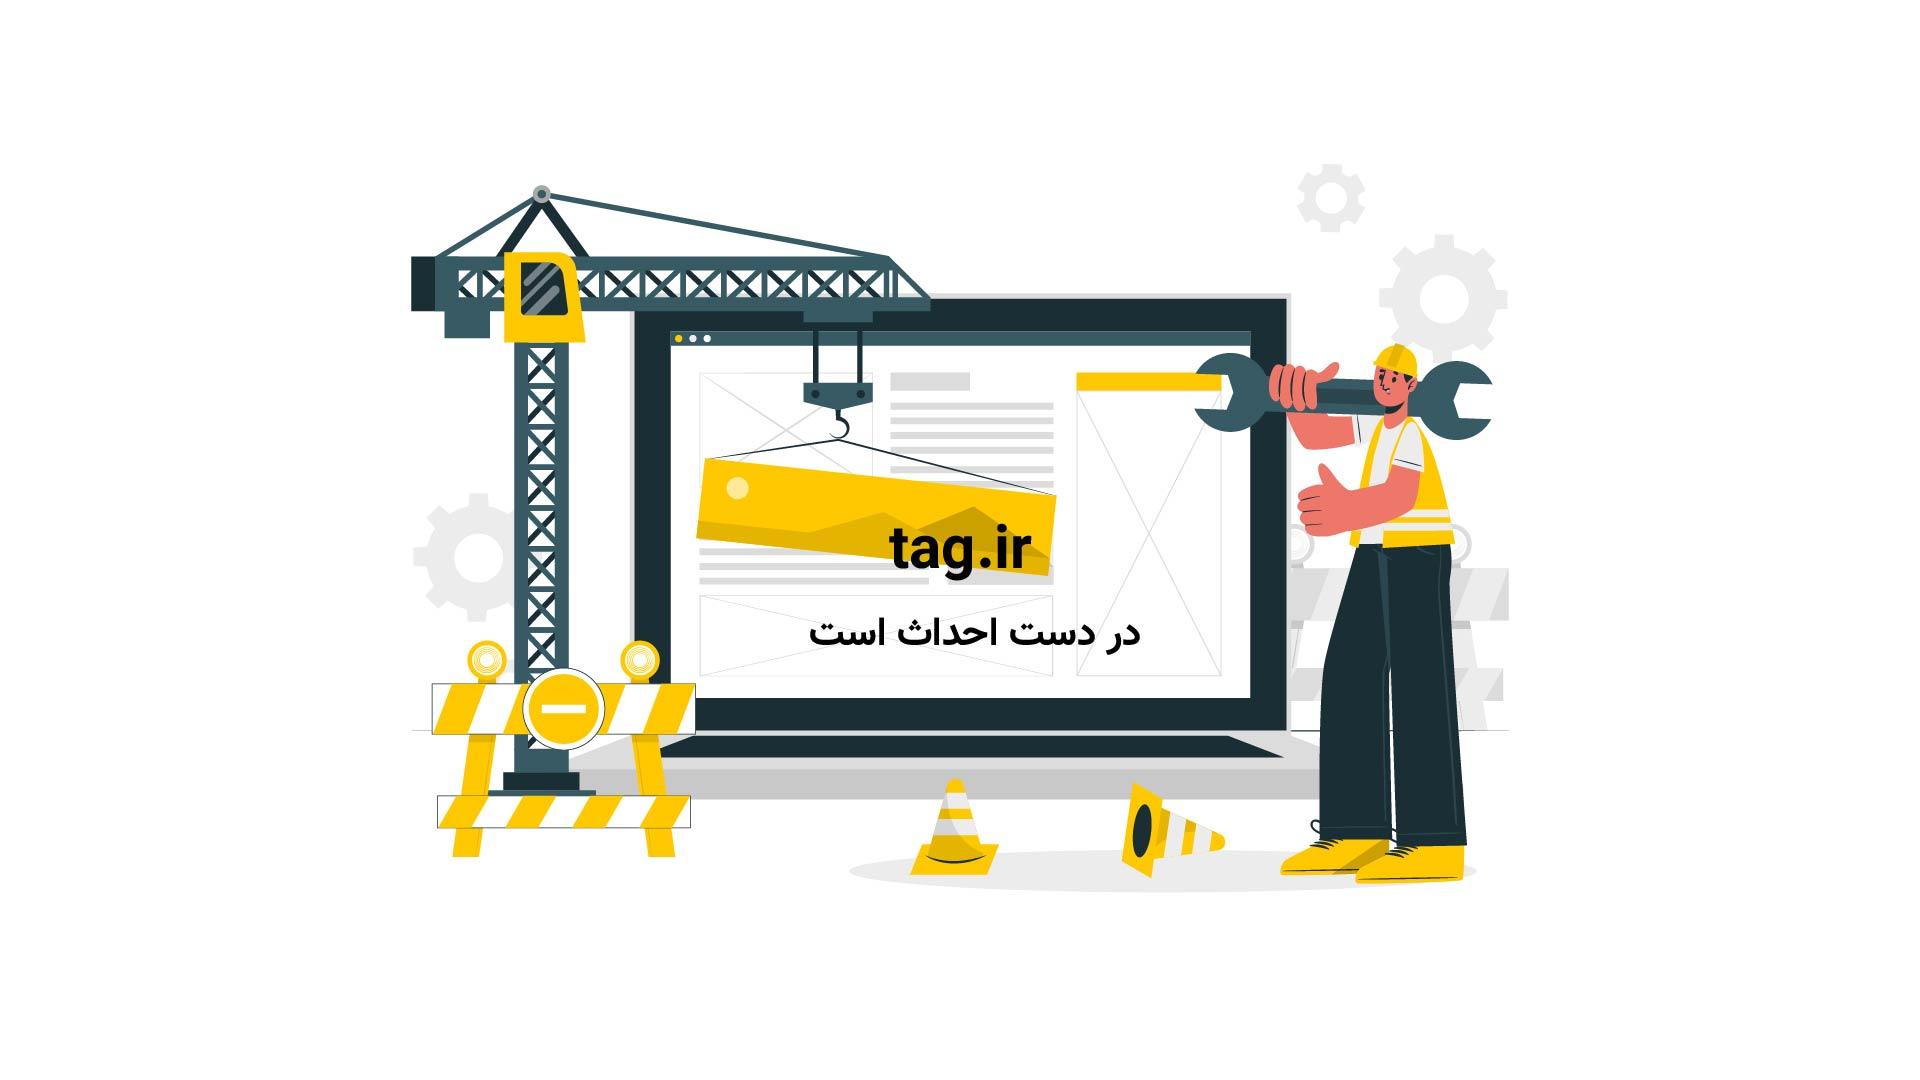 فیلم نزدیک شدن قایق های ایرانی به ناوشکن آمریکایی یواساس نیتز در تنگه هرمز